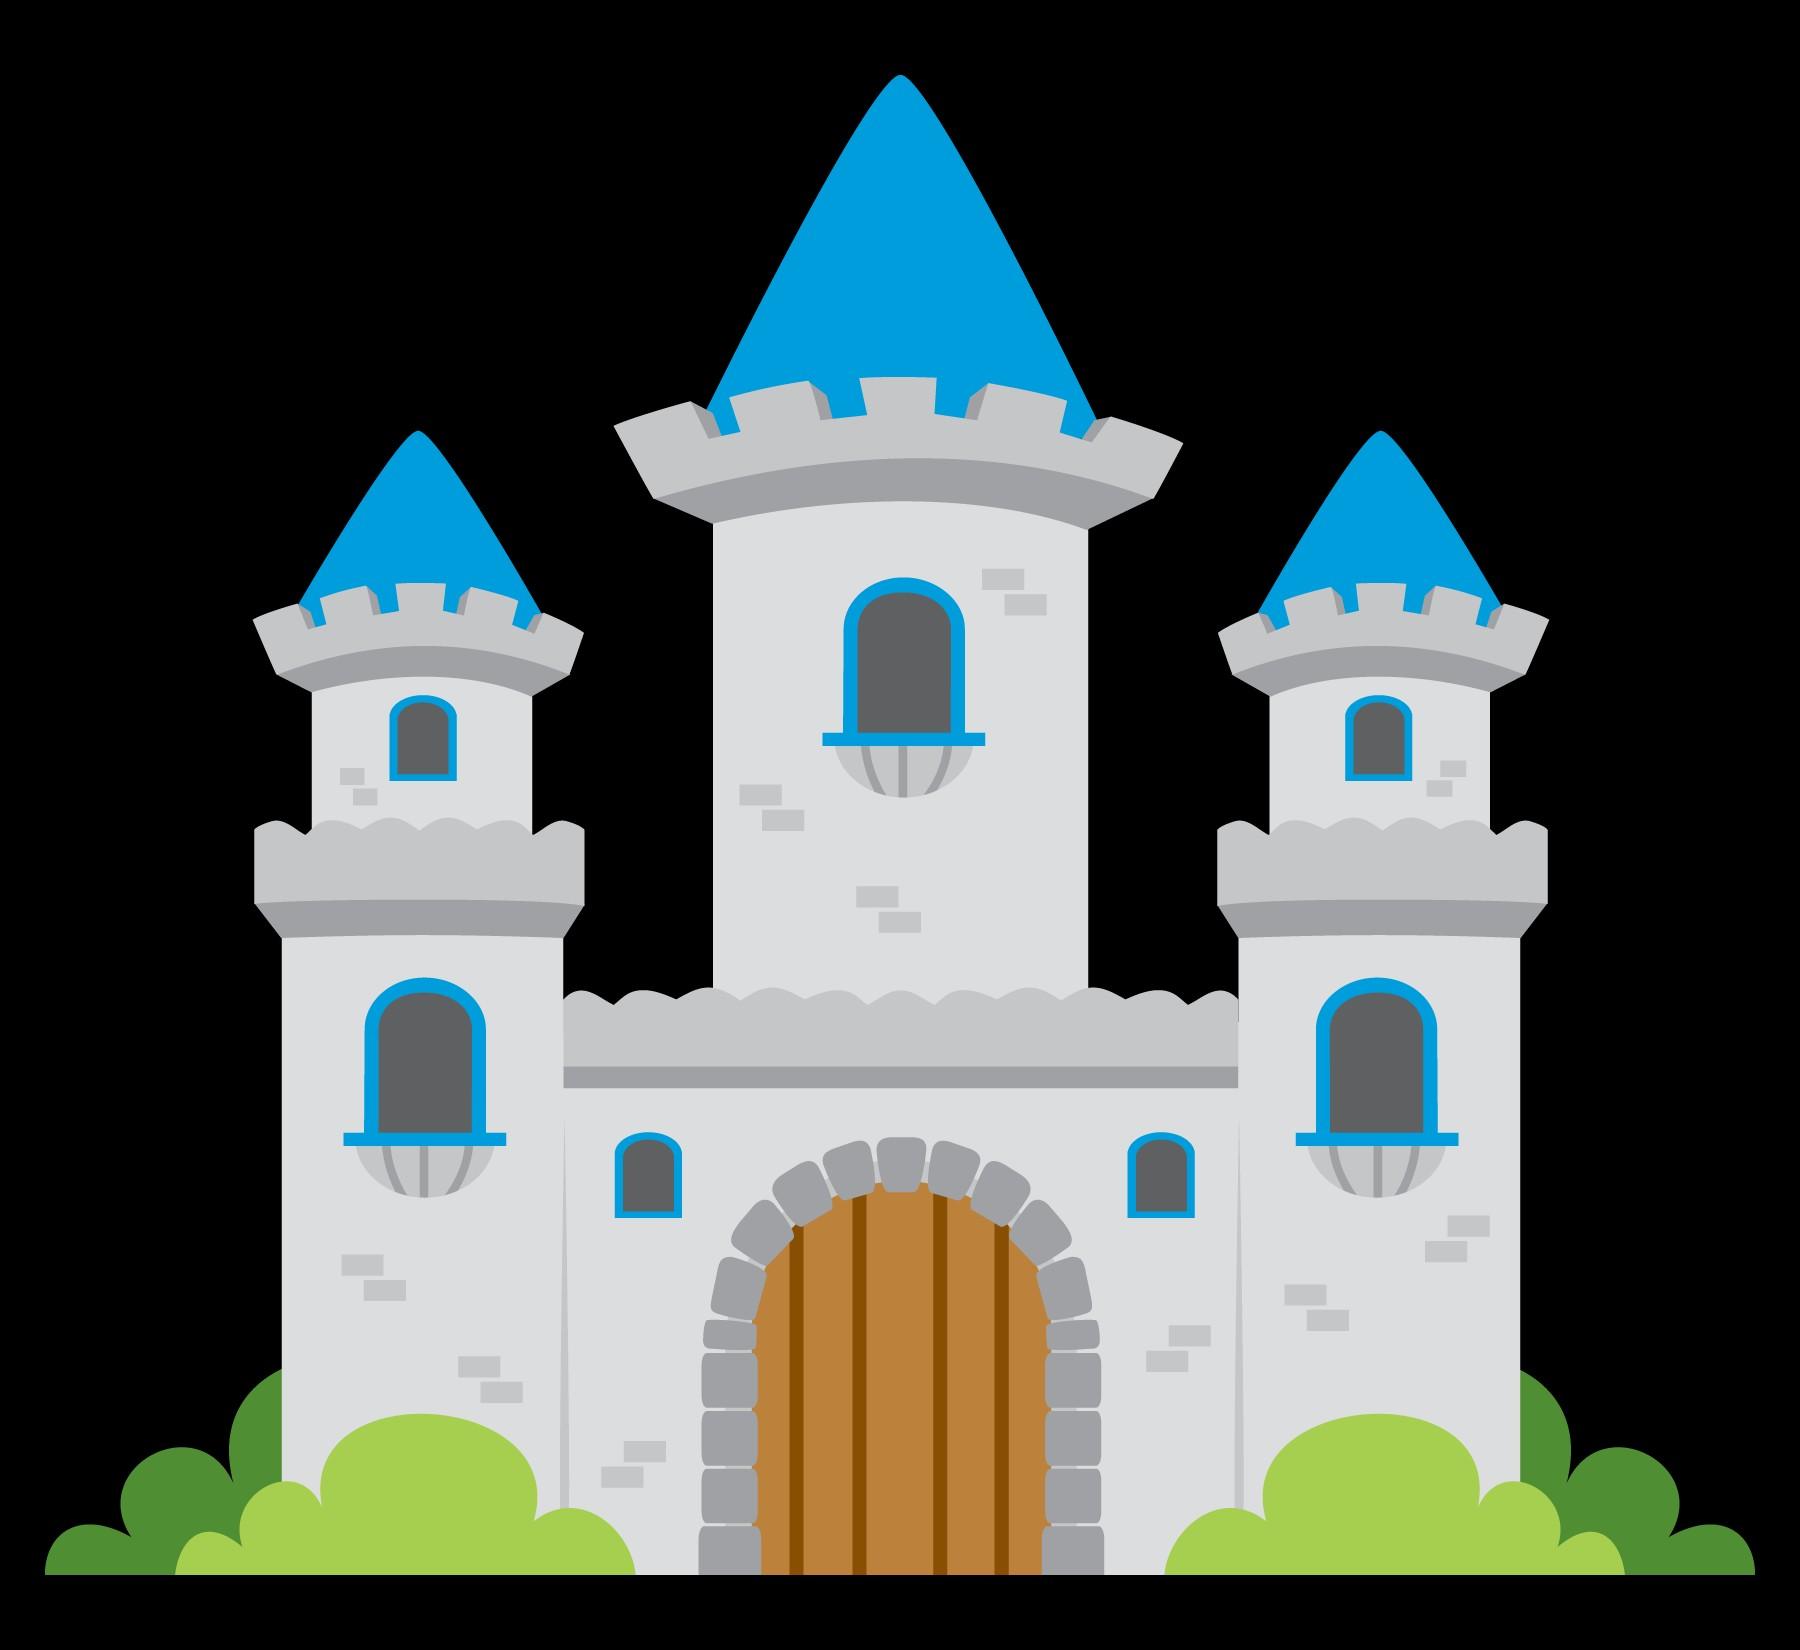 1800x1650 Castle Clipart Images Disney Castle Clip Art Clipart Downloads